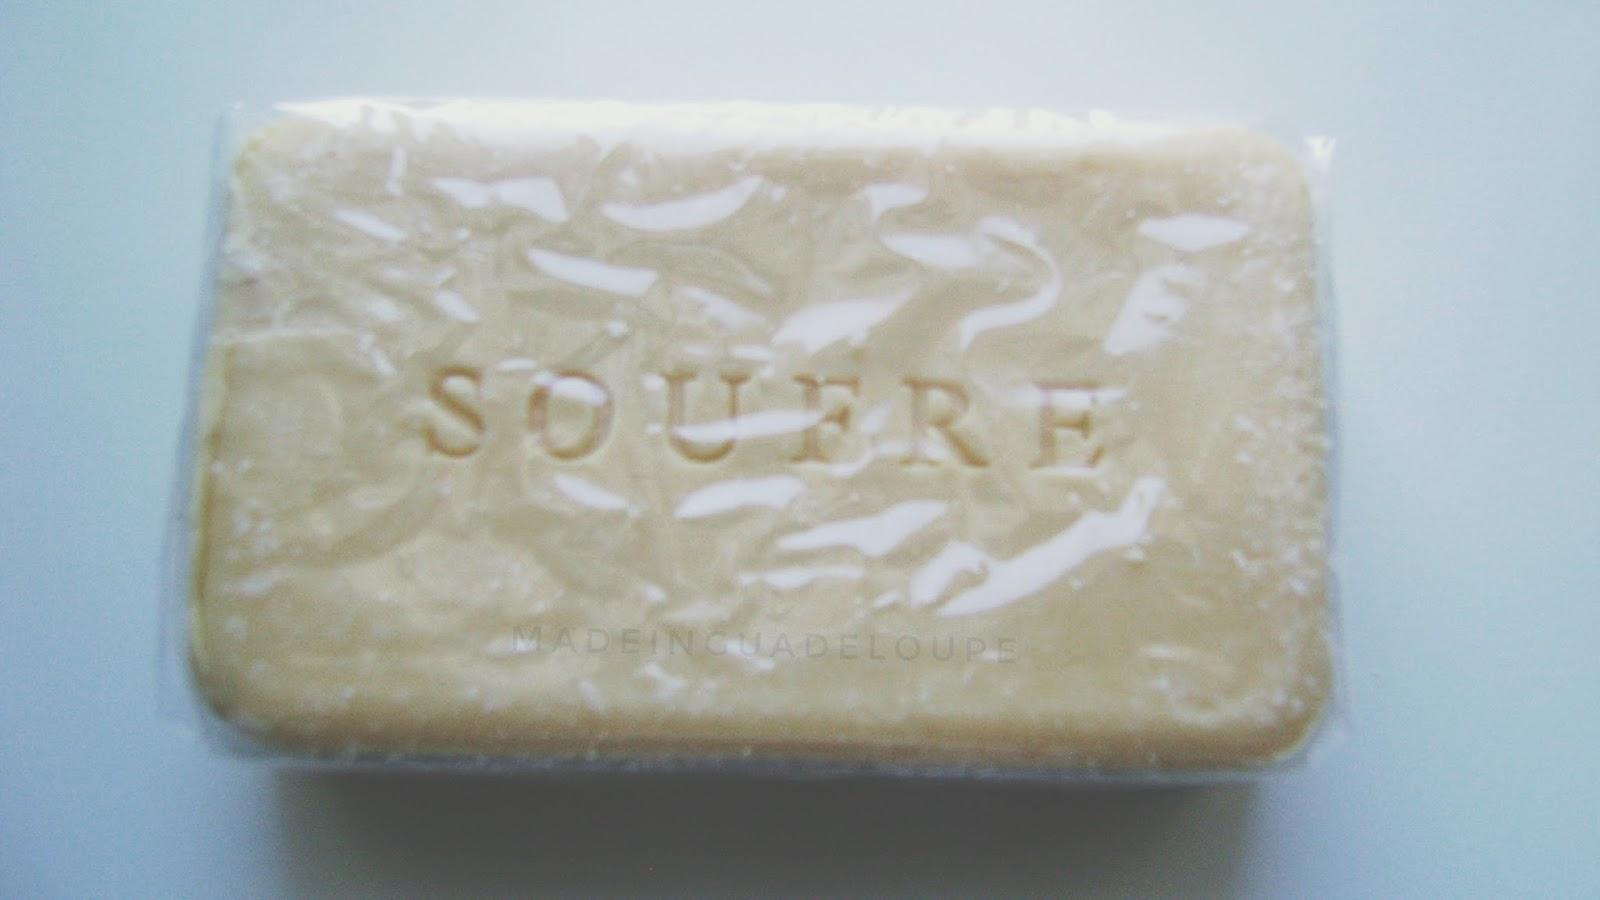 savon soufre peau noire probleme bouton tache skin care routine naturelle  sulfur soap